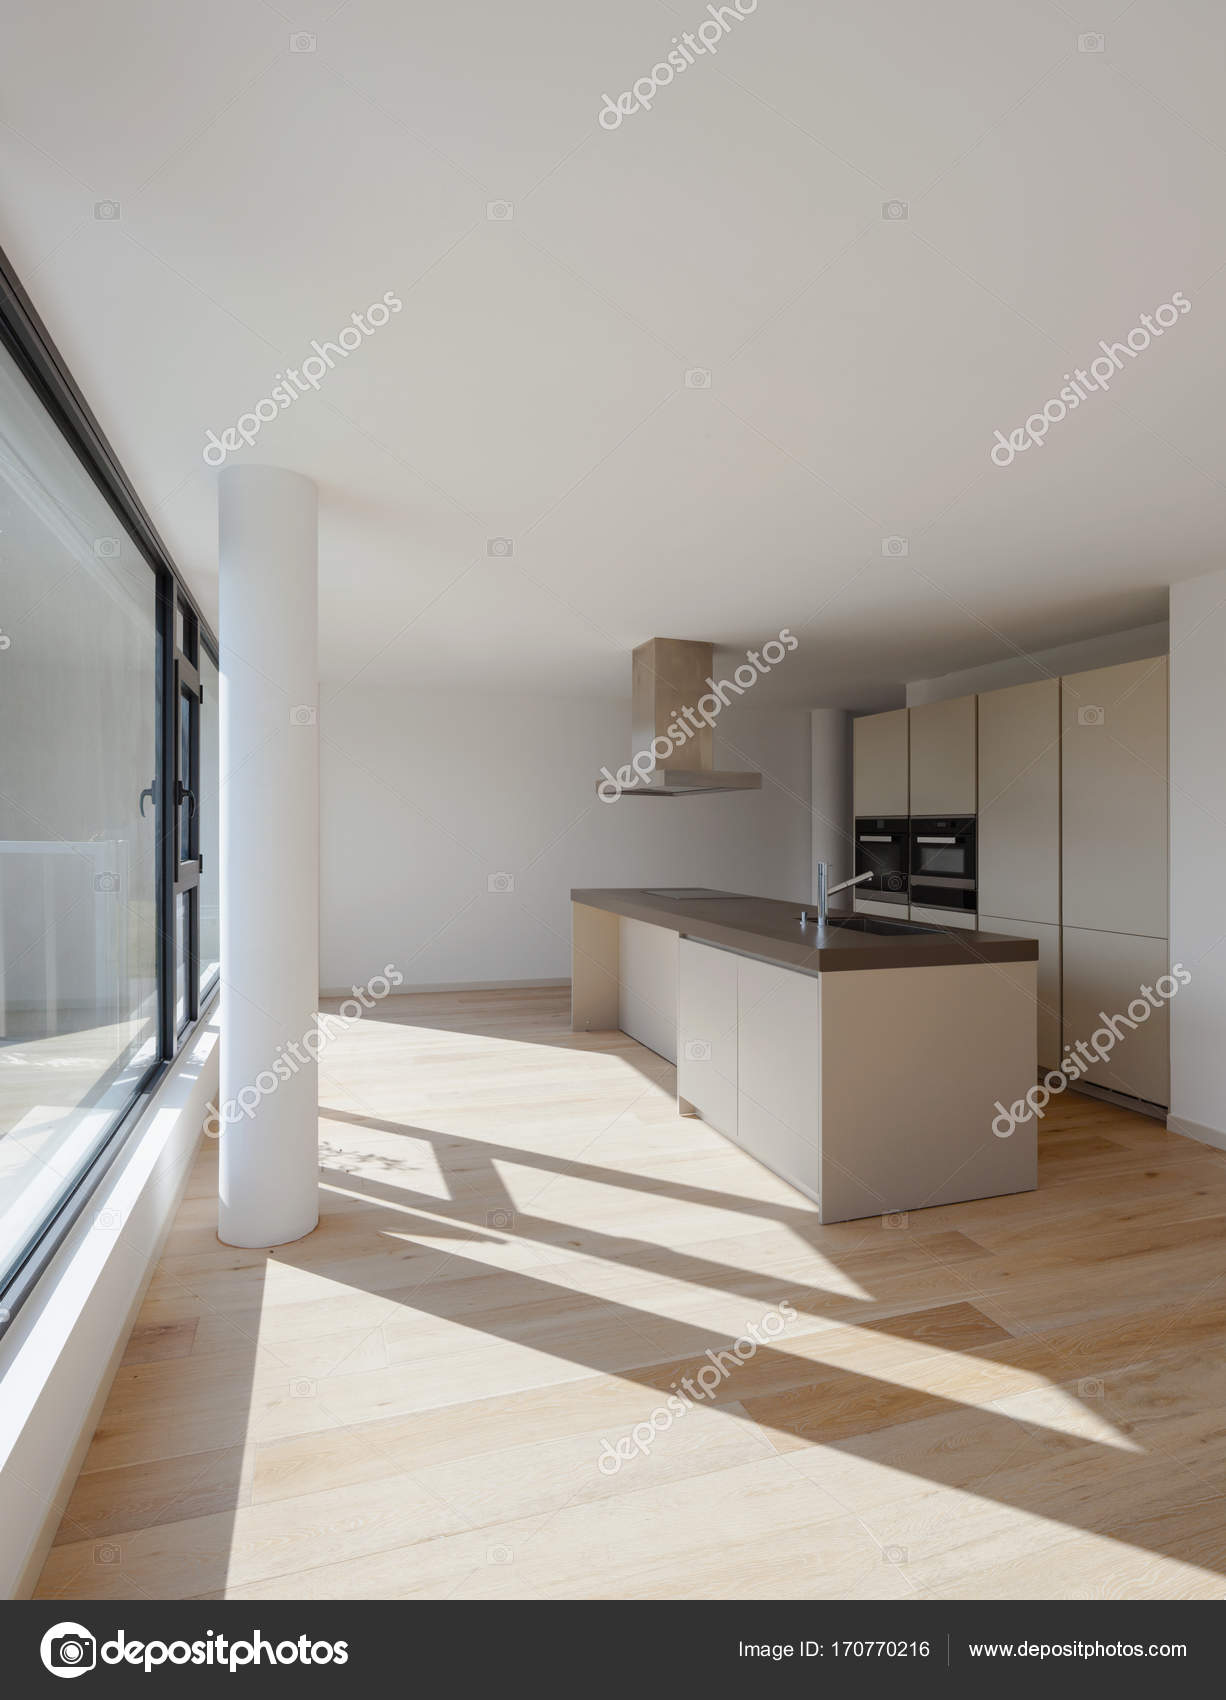 Interieur eines modernen Hauses, nur ein Zimmer leer — Stockfoto ...